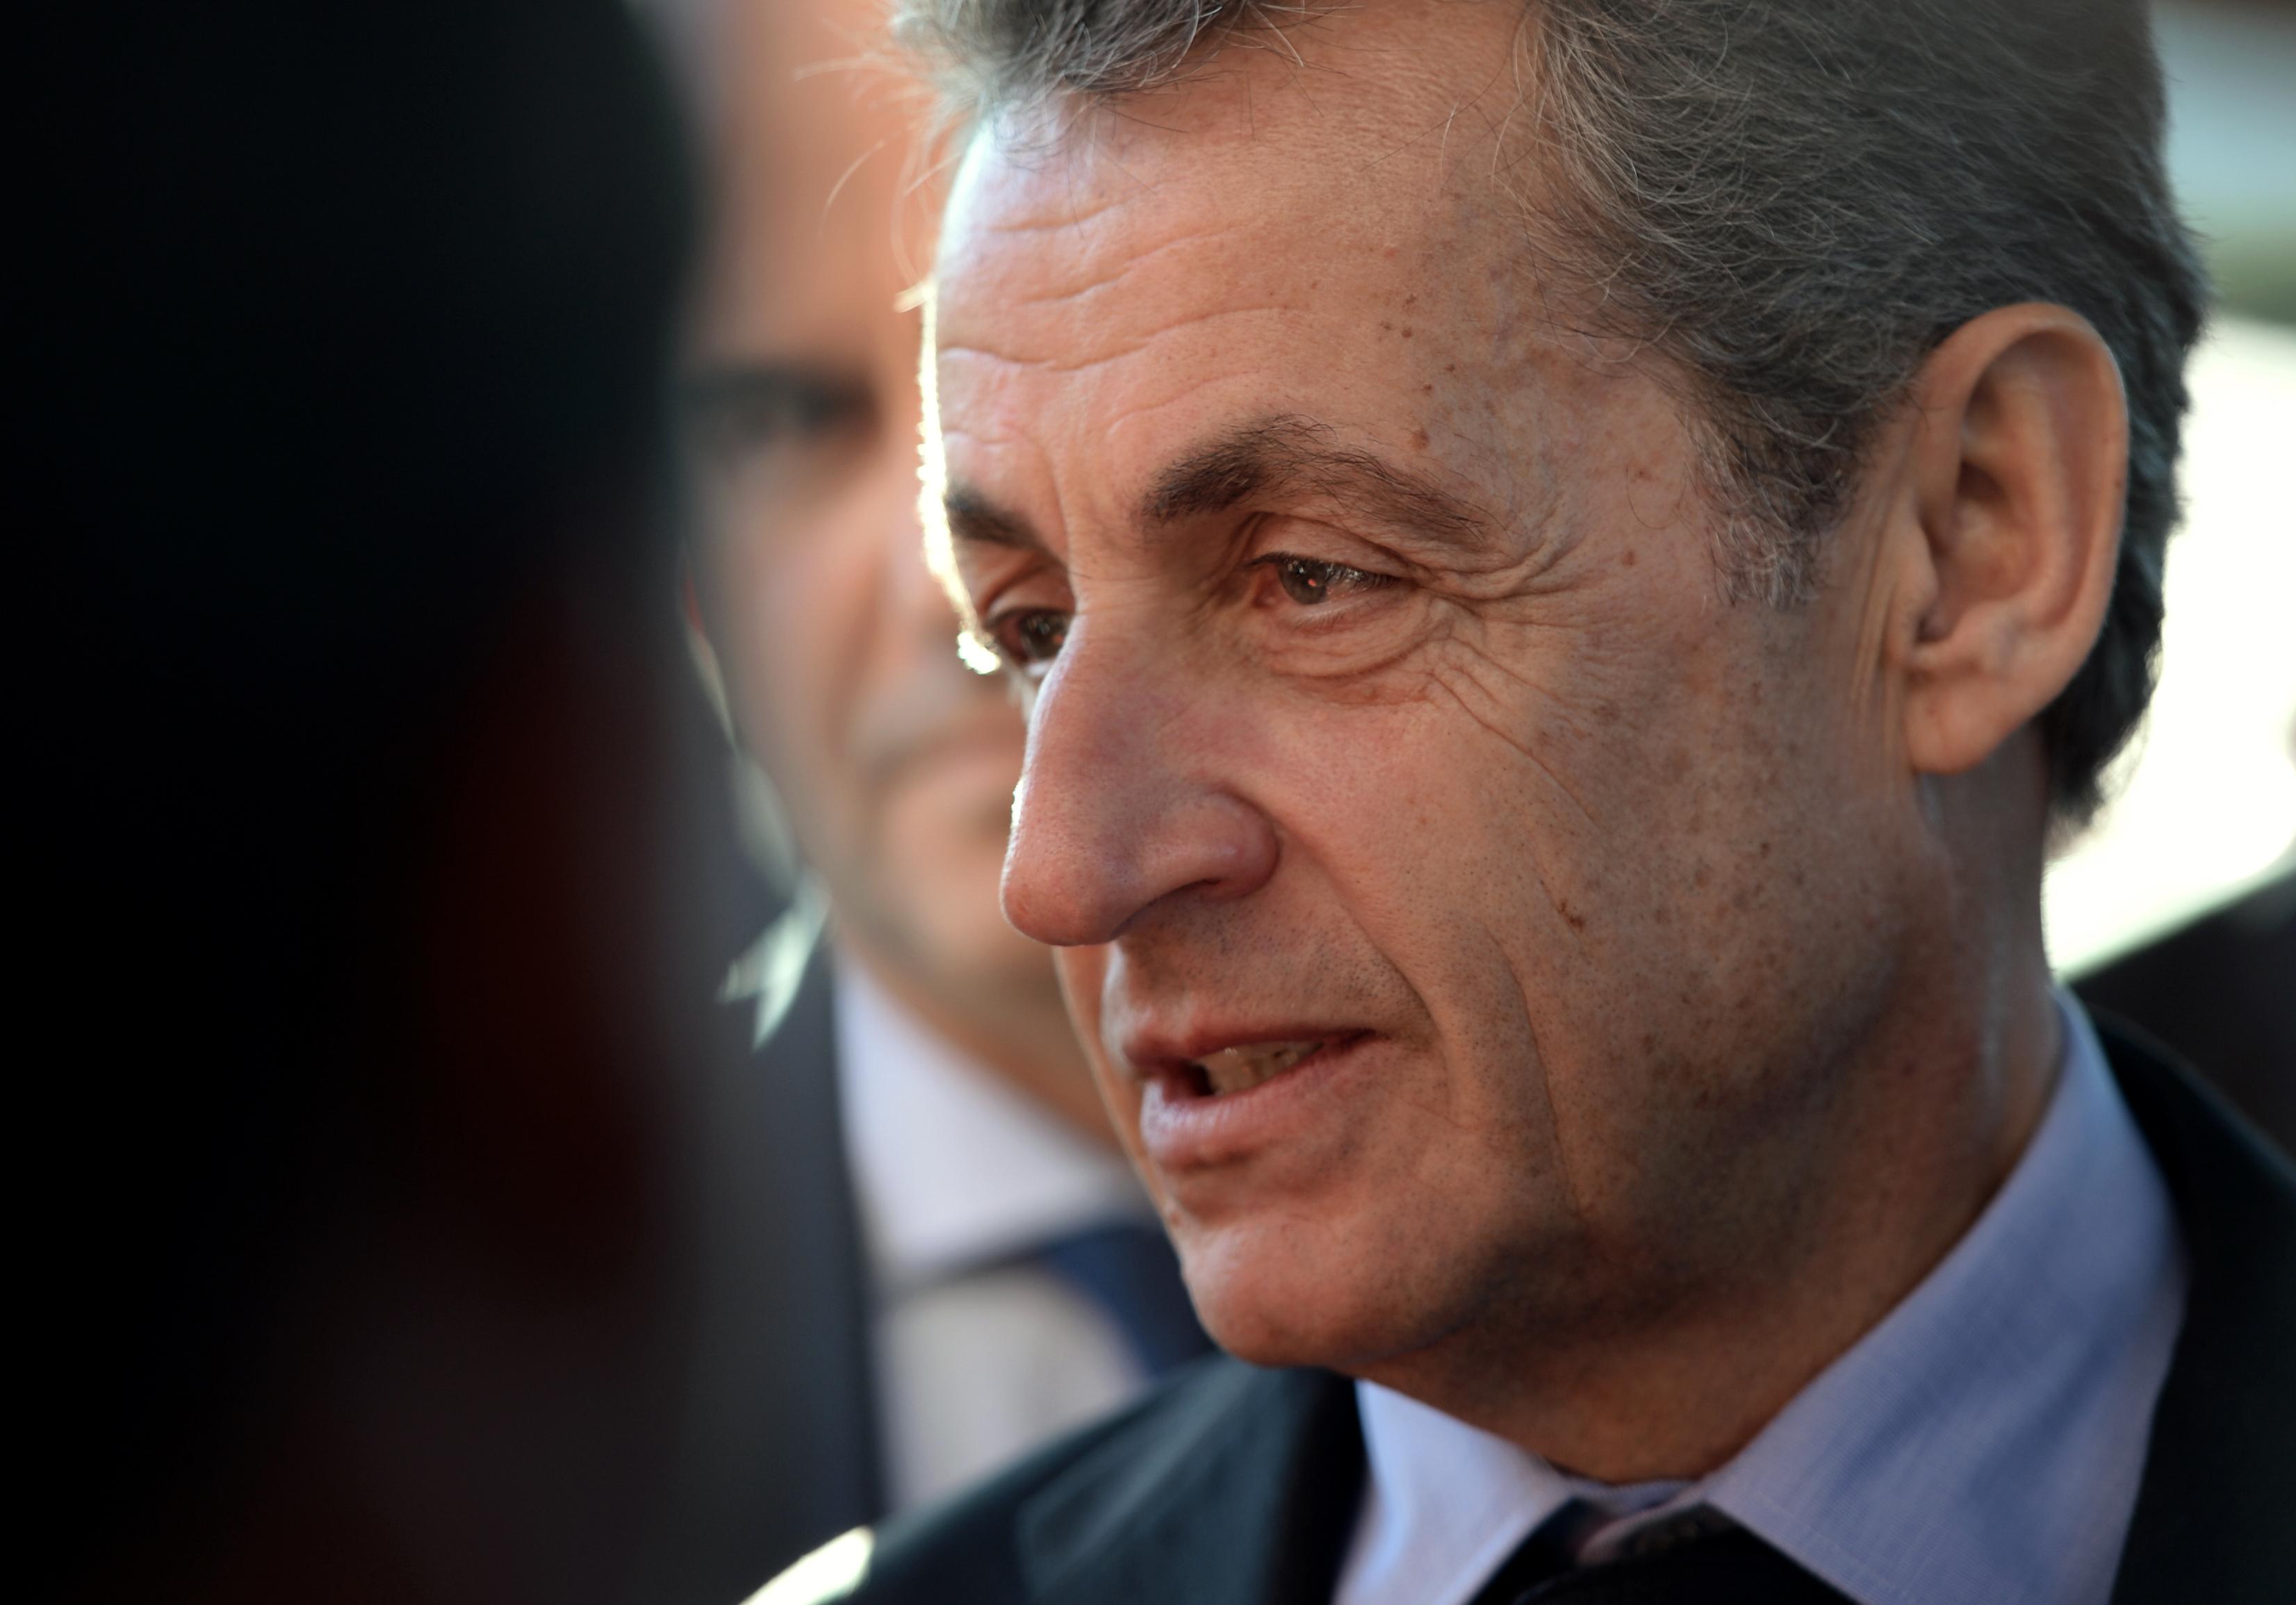 2 év letöltendőt és 2 év felfüggesztettet kért az ügyész Nicolas Sarkozyre